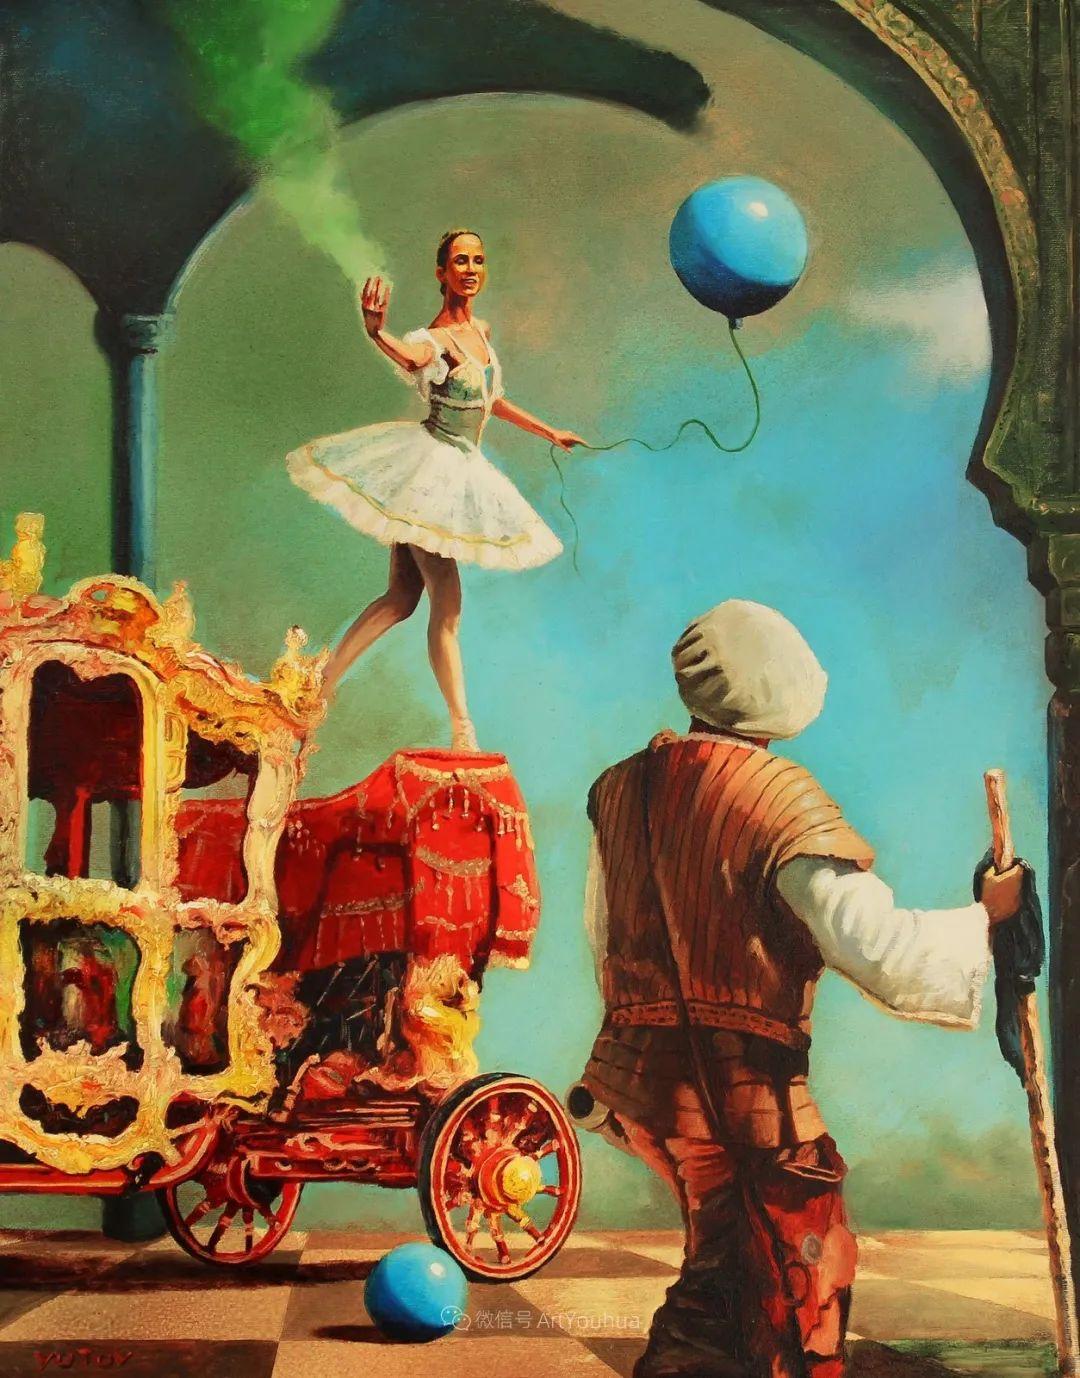 超现实主义,保加利亚艺术家米罗斯拉夫·约托夫插图29